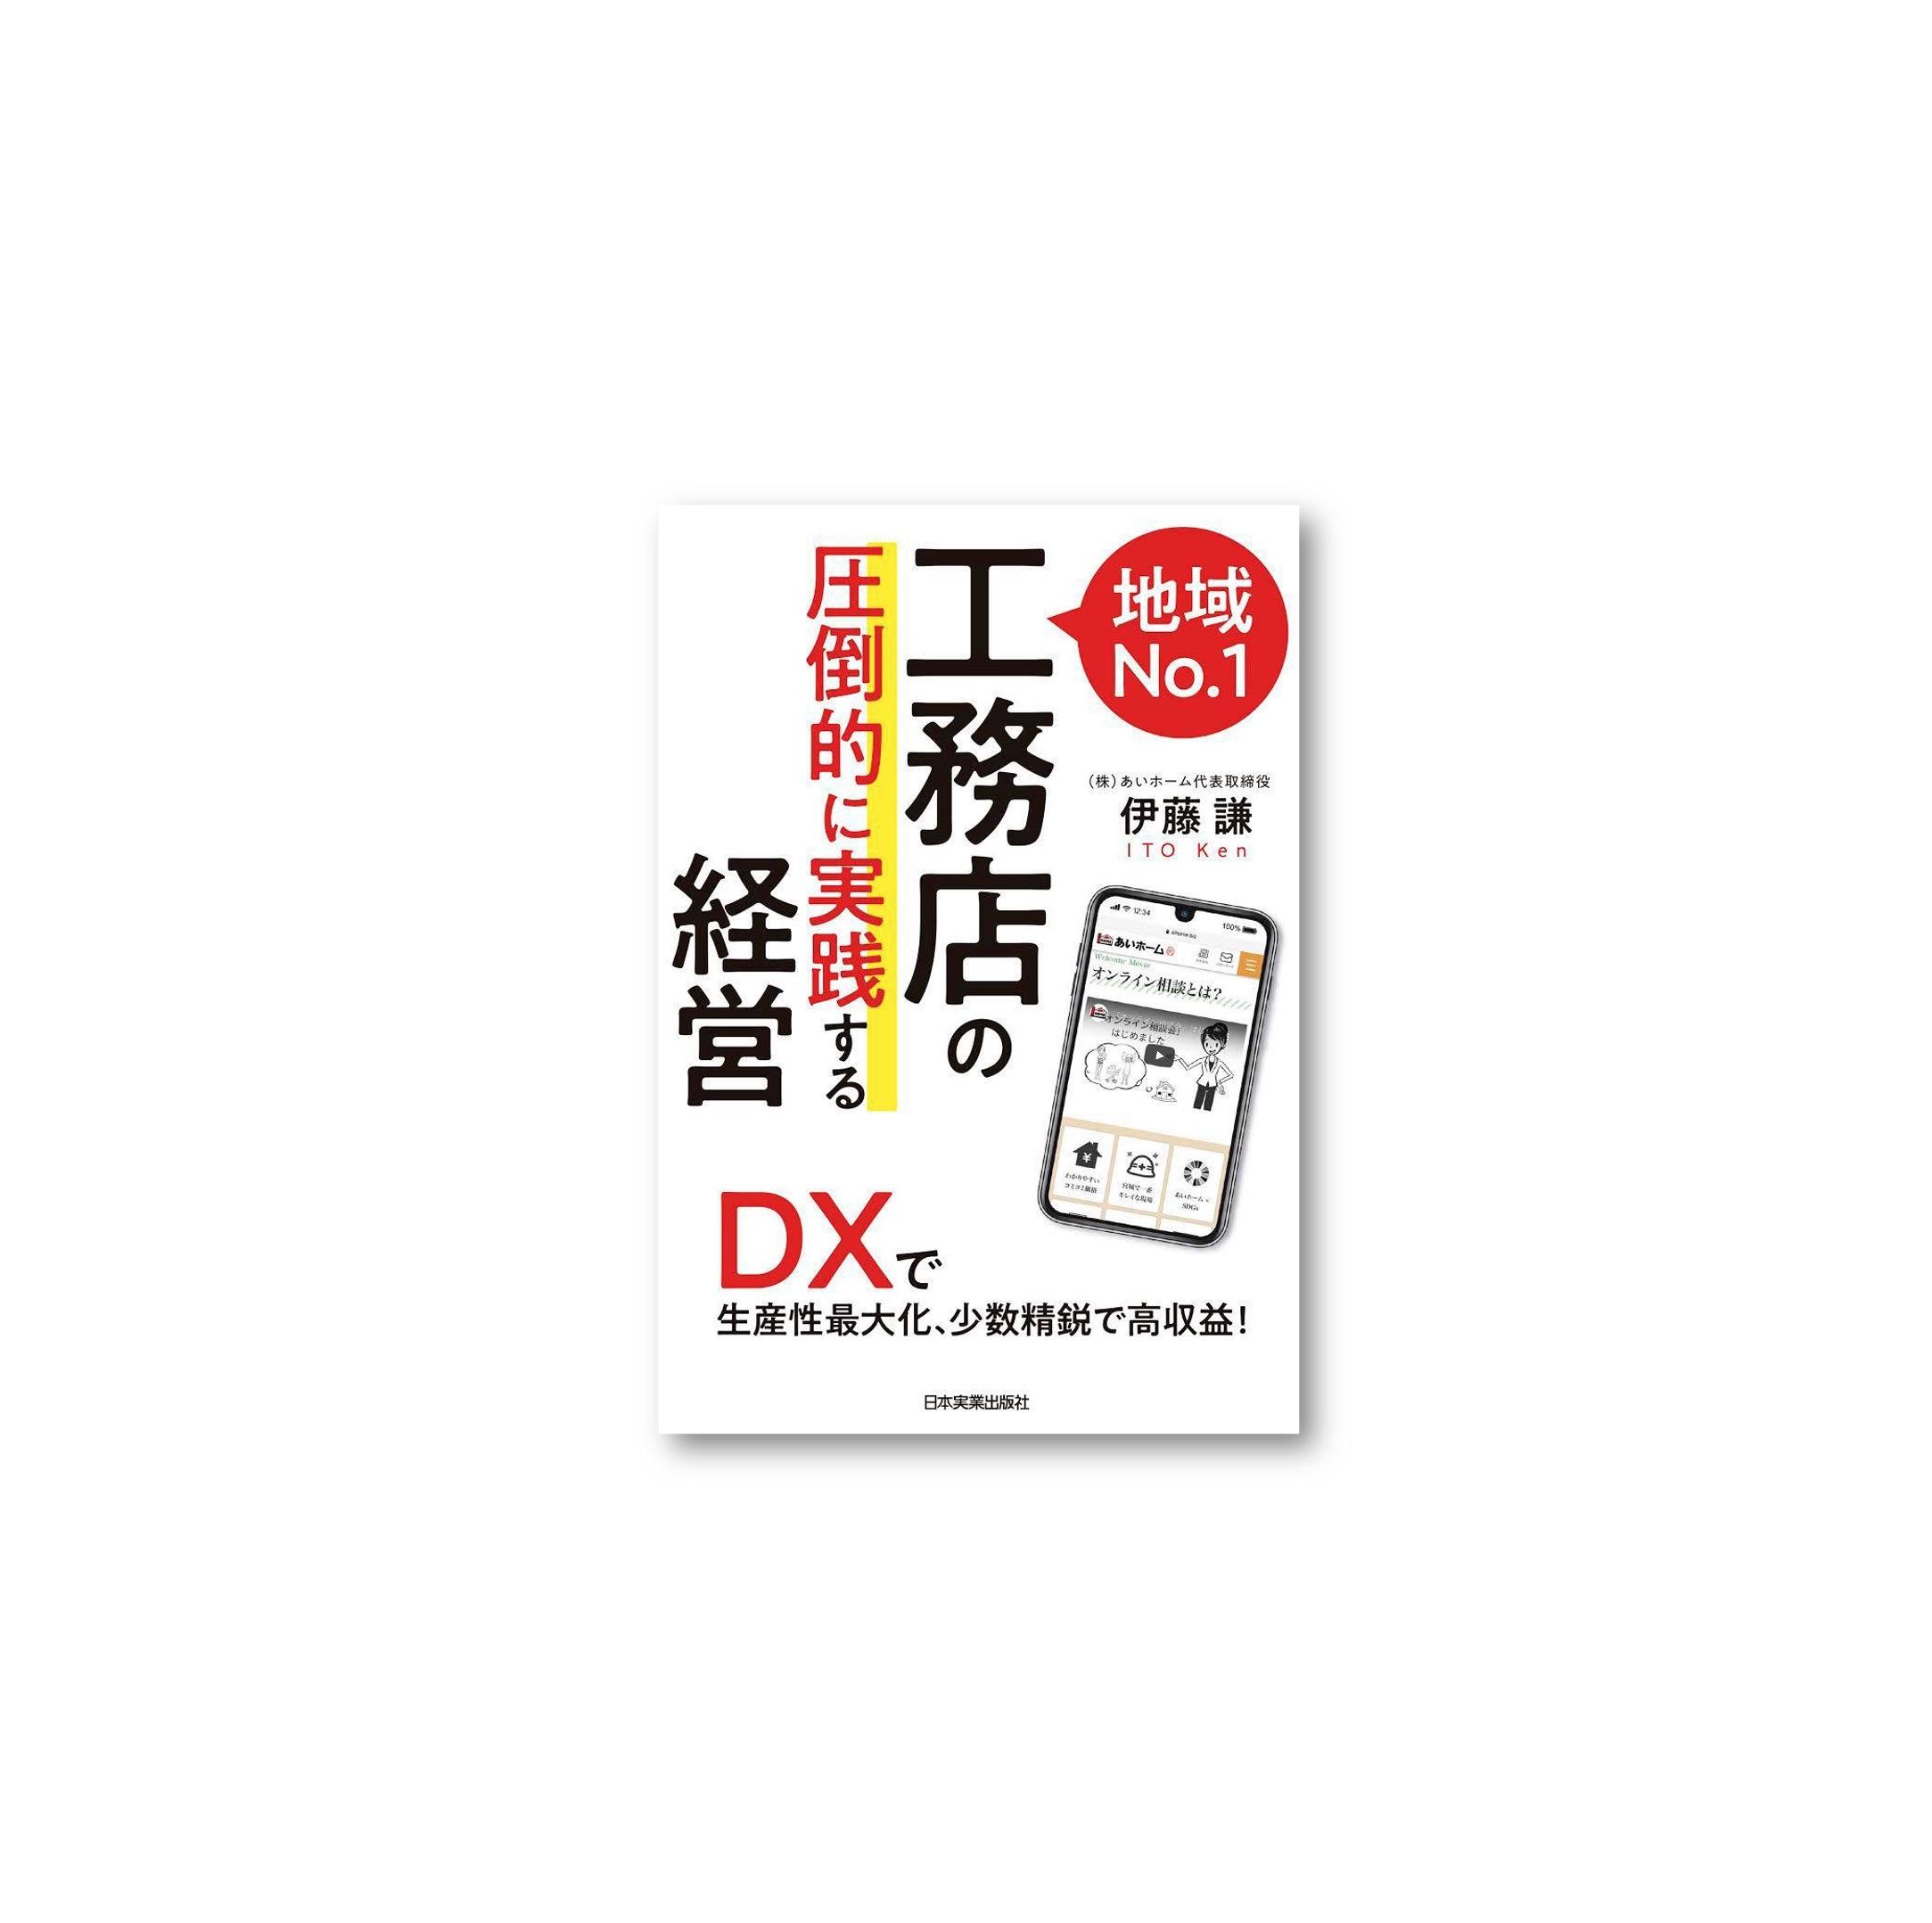 新刊『DXで生産性最大化、少数精鋭で高収益!地域No.1工務店の「圧倒的に実践する」経営』